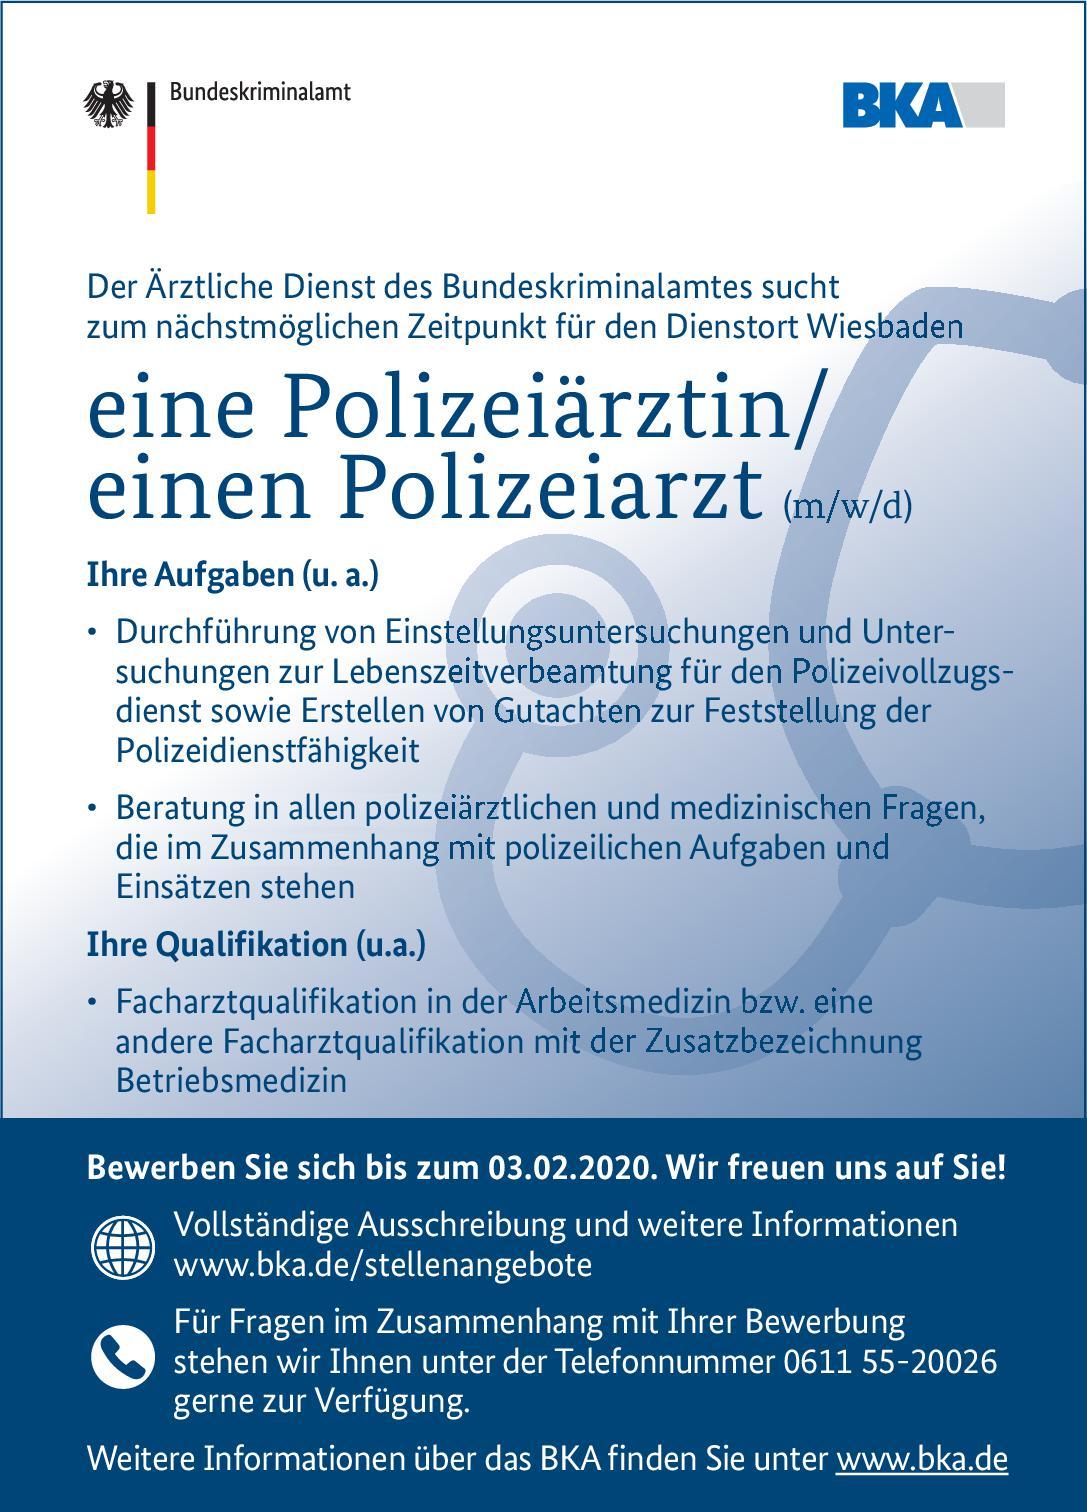 Bundeskriminalamt Polizeiärztin/Polizeiarzt (m/w/d) * andere Gebiete, Arbeitsmedizin Arzt / Facharzt, Betriebsarzt